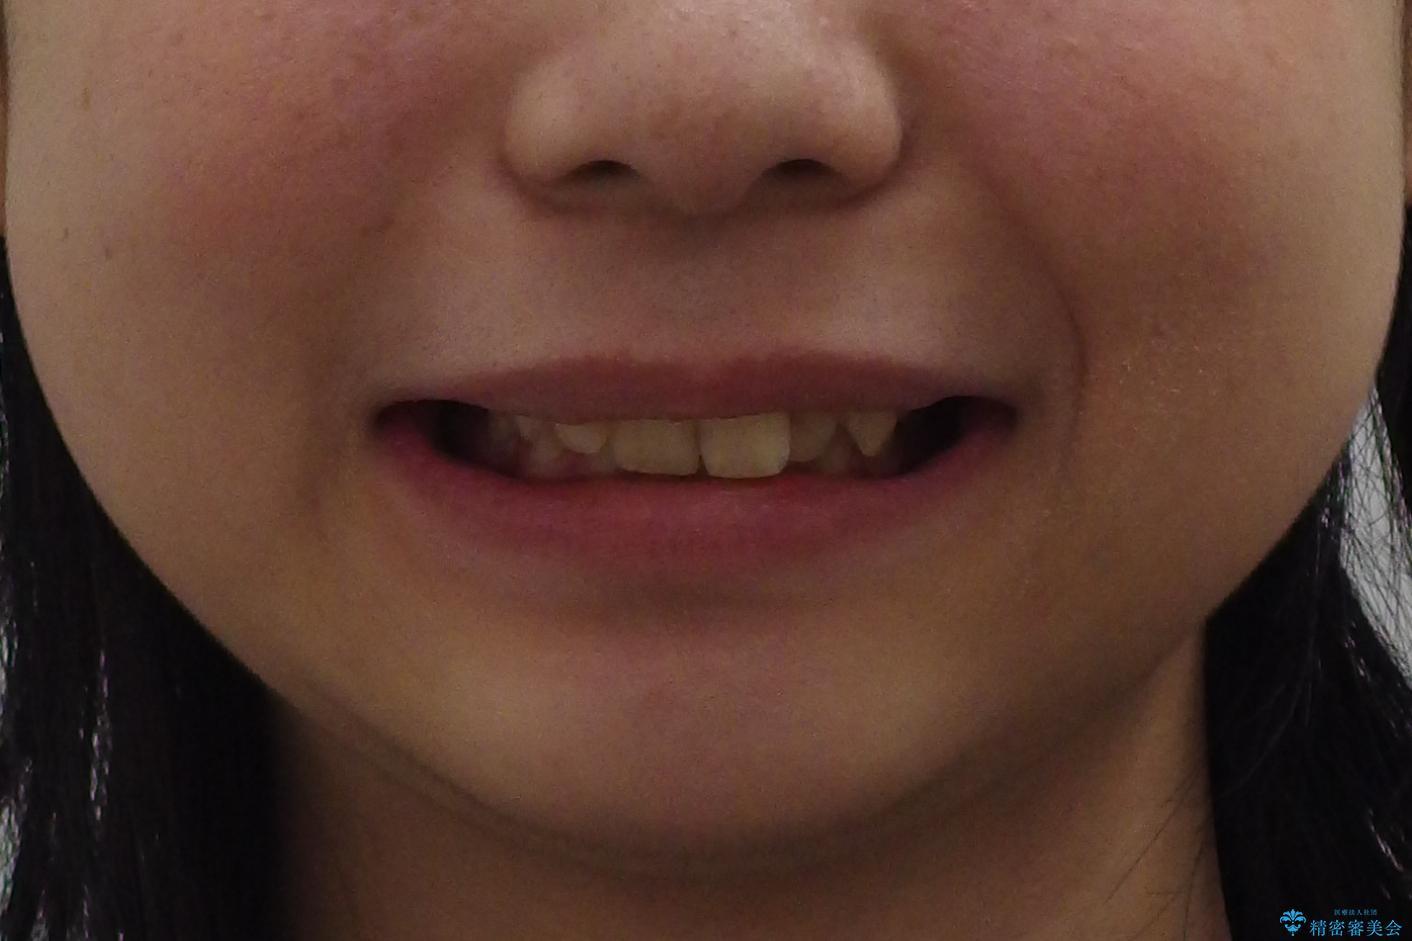 前歯のがたつき 過蓋咬合の治療前(顔貌)